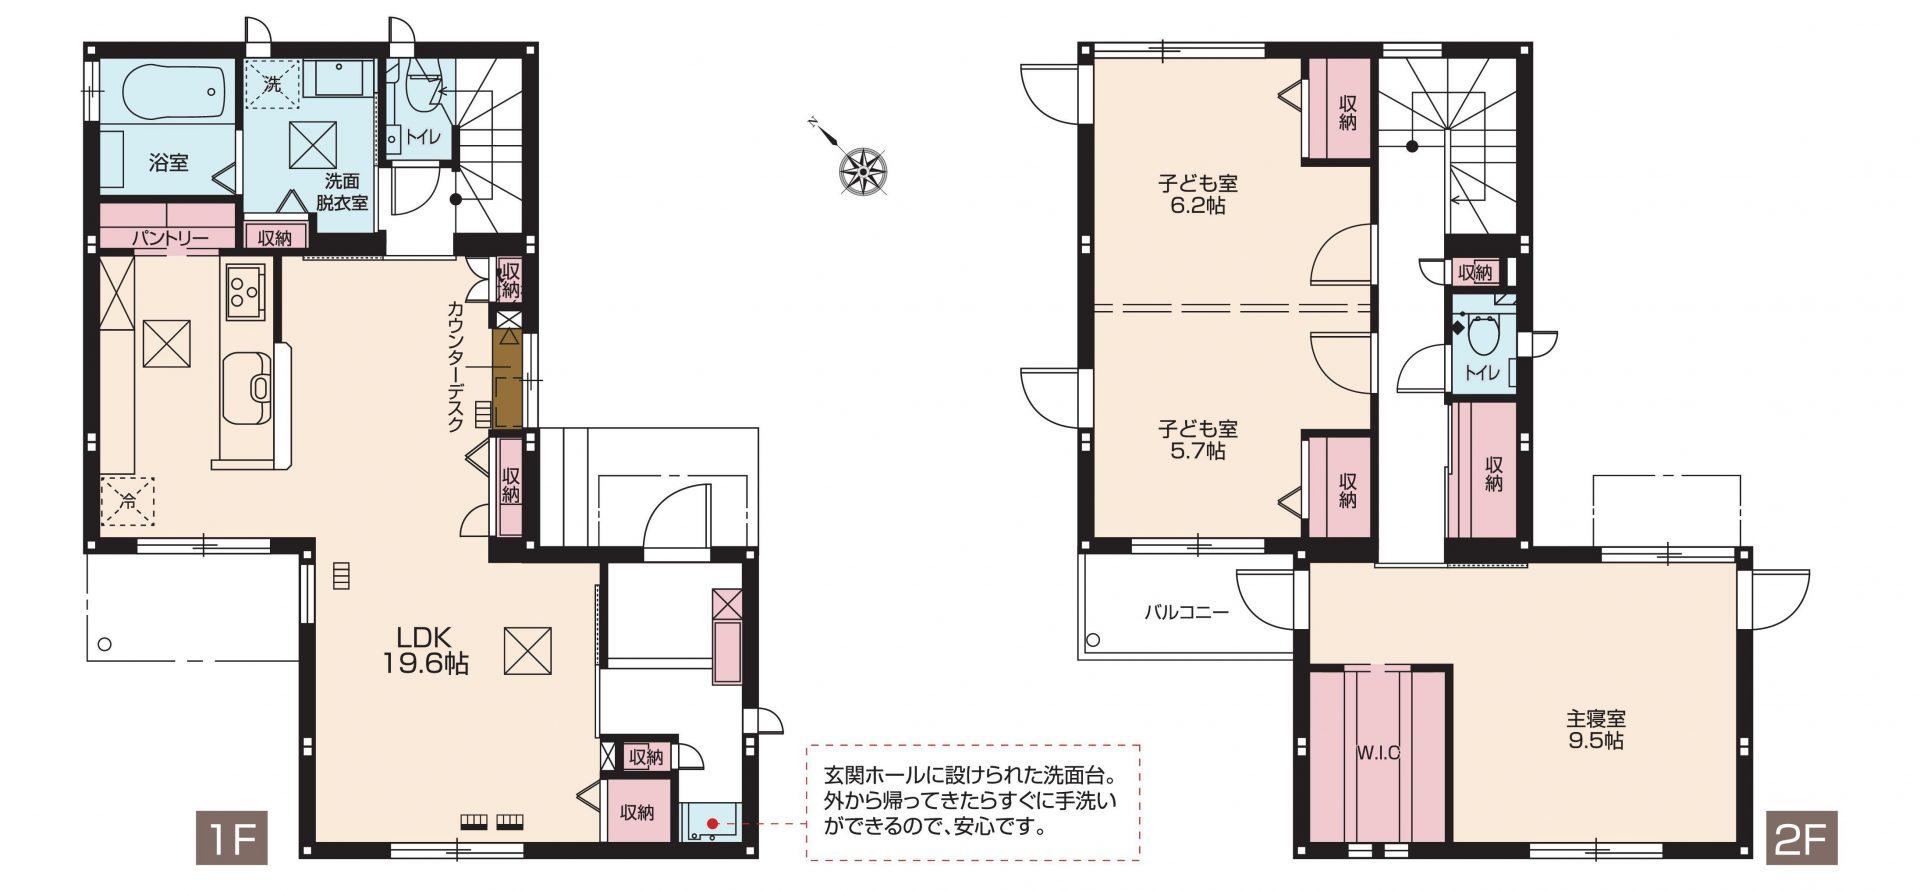 【分譲住宅・建売】スマートハイムシティ龍舞ガーデン No.B1(間取図)